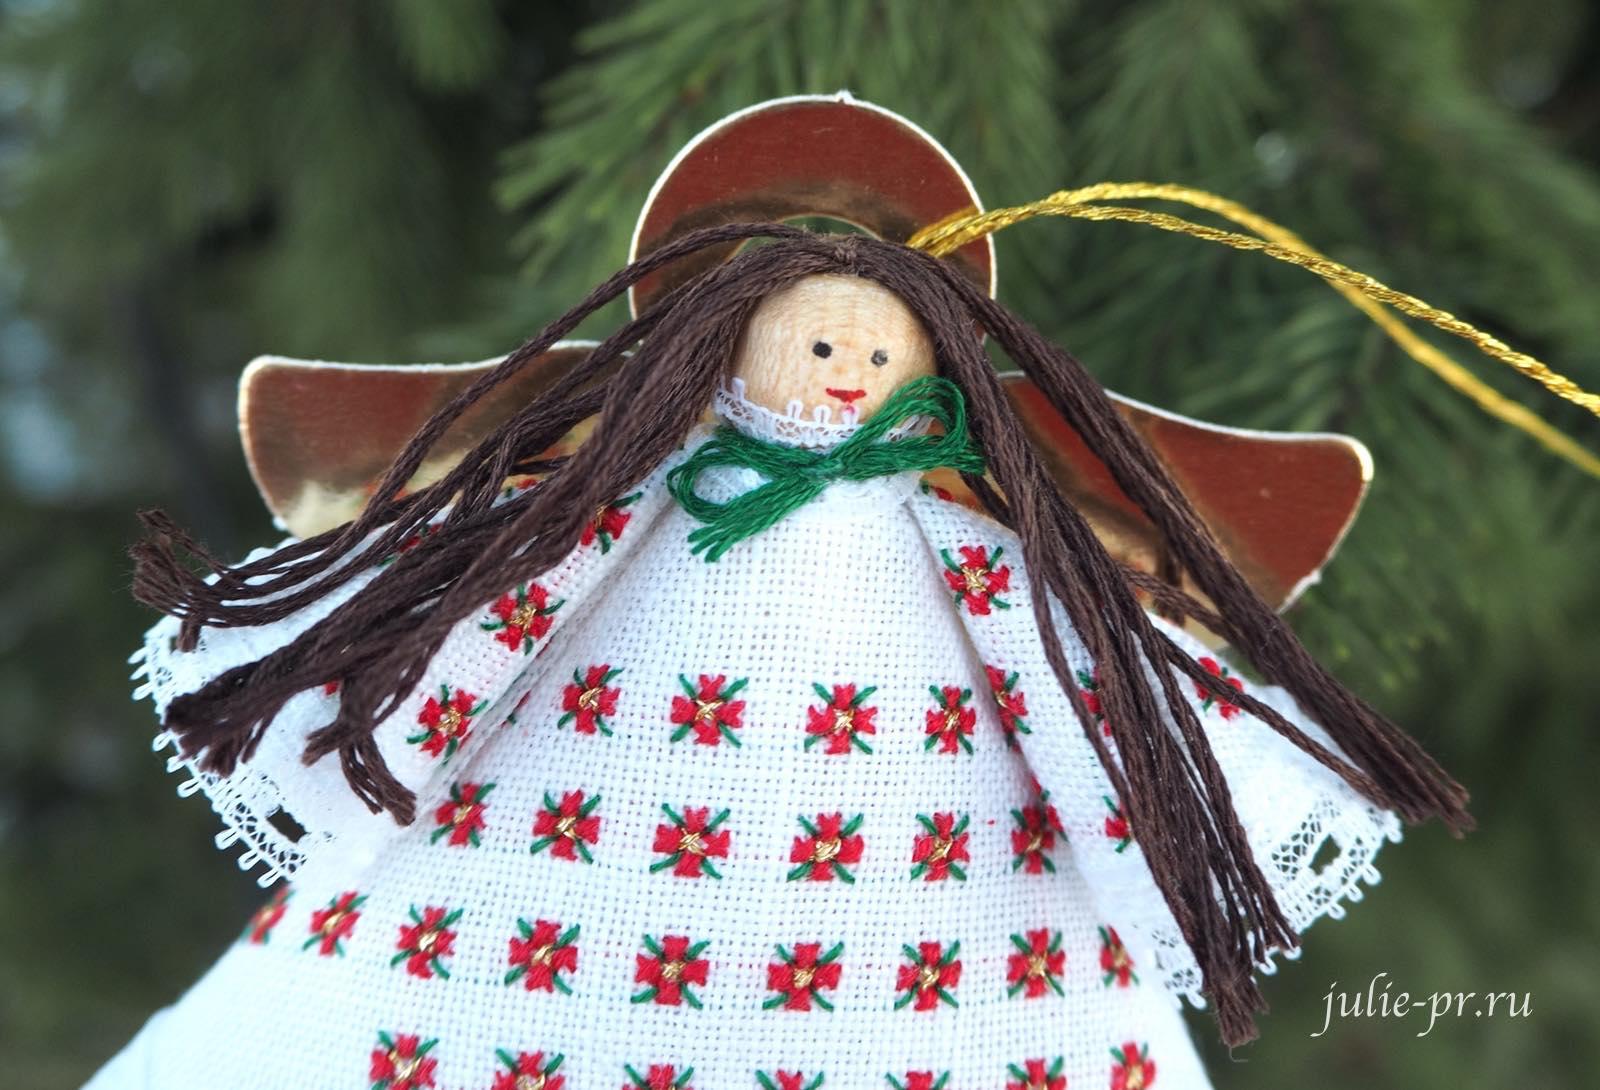 елочная игрушка ангел прищепка, DMC 1460 Floral Angel ornament, вышивка крестом, как собрать